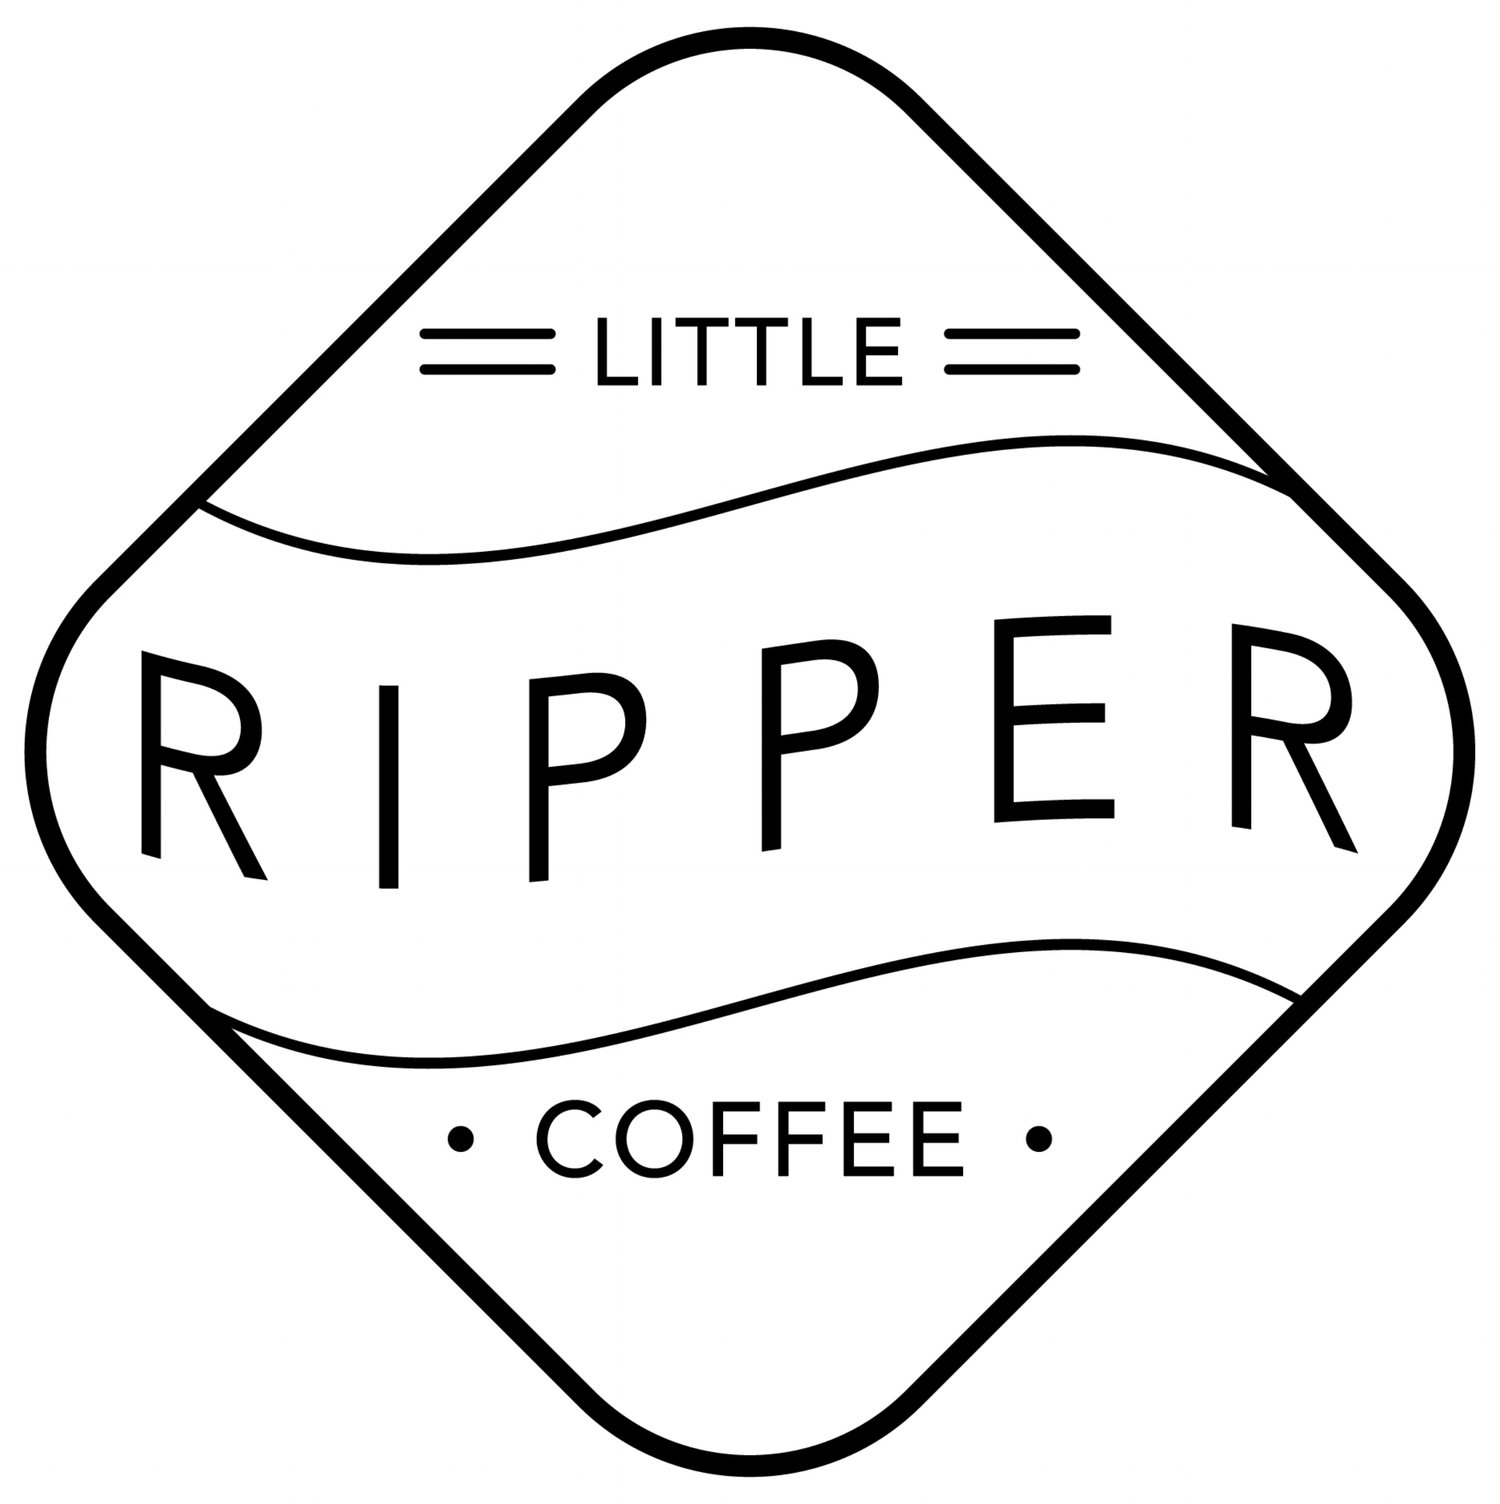 little ripper.jpeg